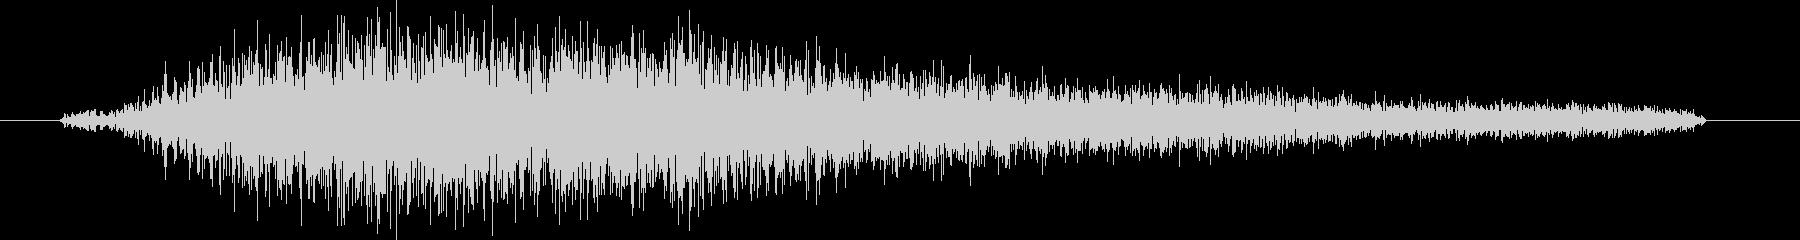 ヘビーテキストフェードインの未再生の波形